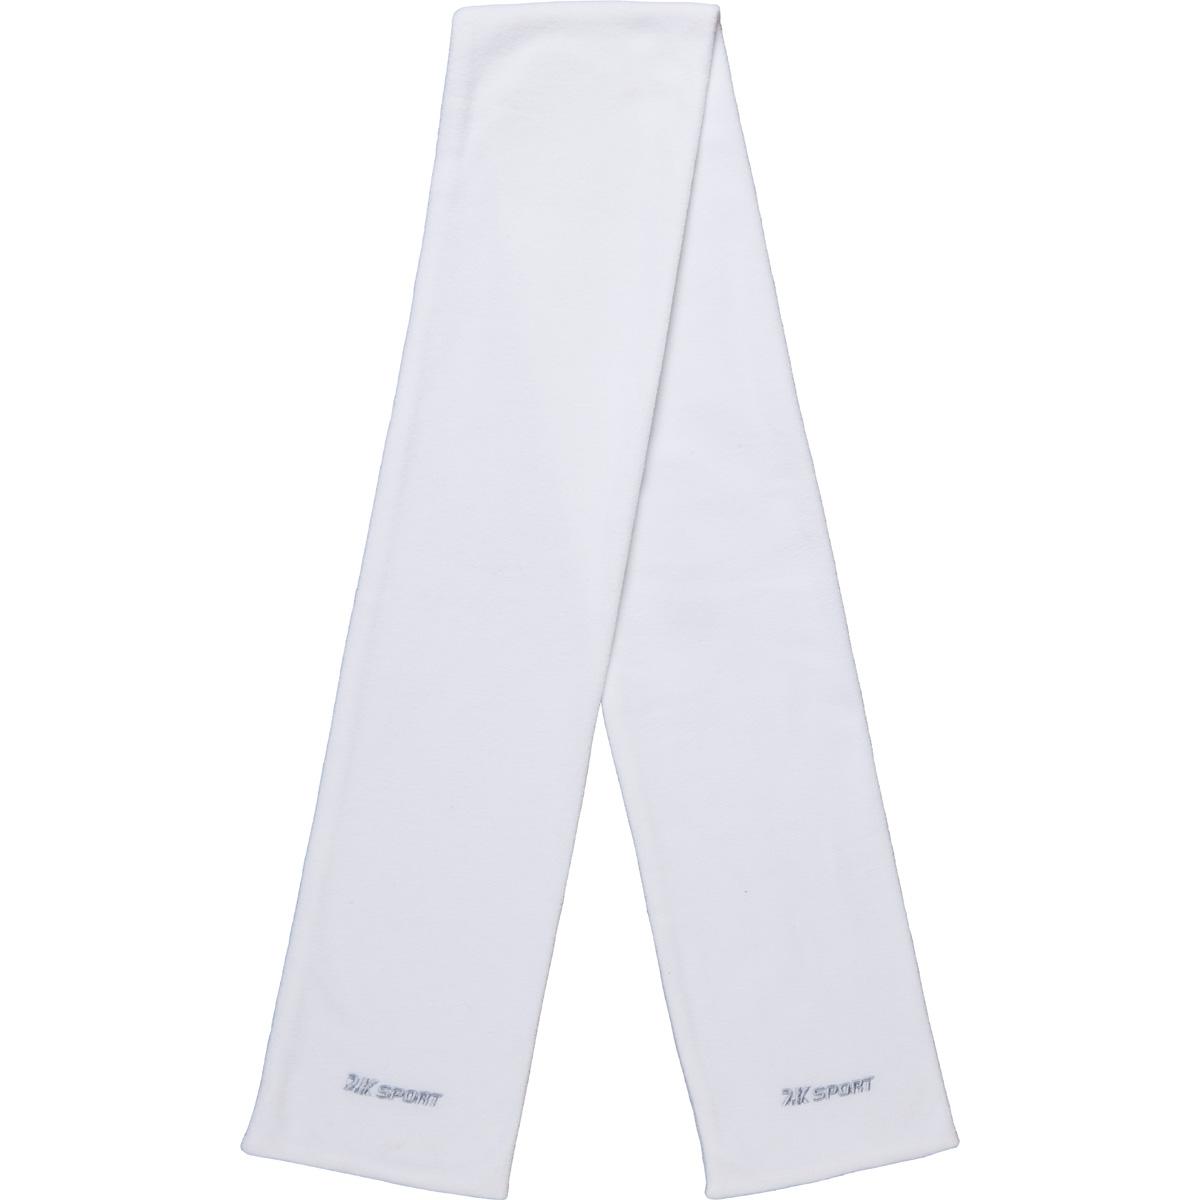 Шарф 2K Sport Classic, цвет: белый. 124035-2. Размер универсальный124035-2_whiteТеплый флисовый шарф. Отлично защитит от холода.